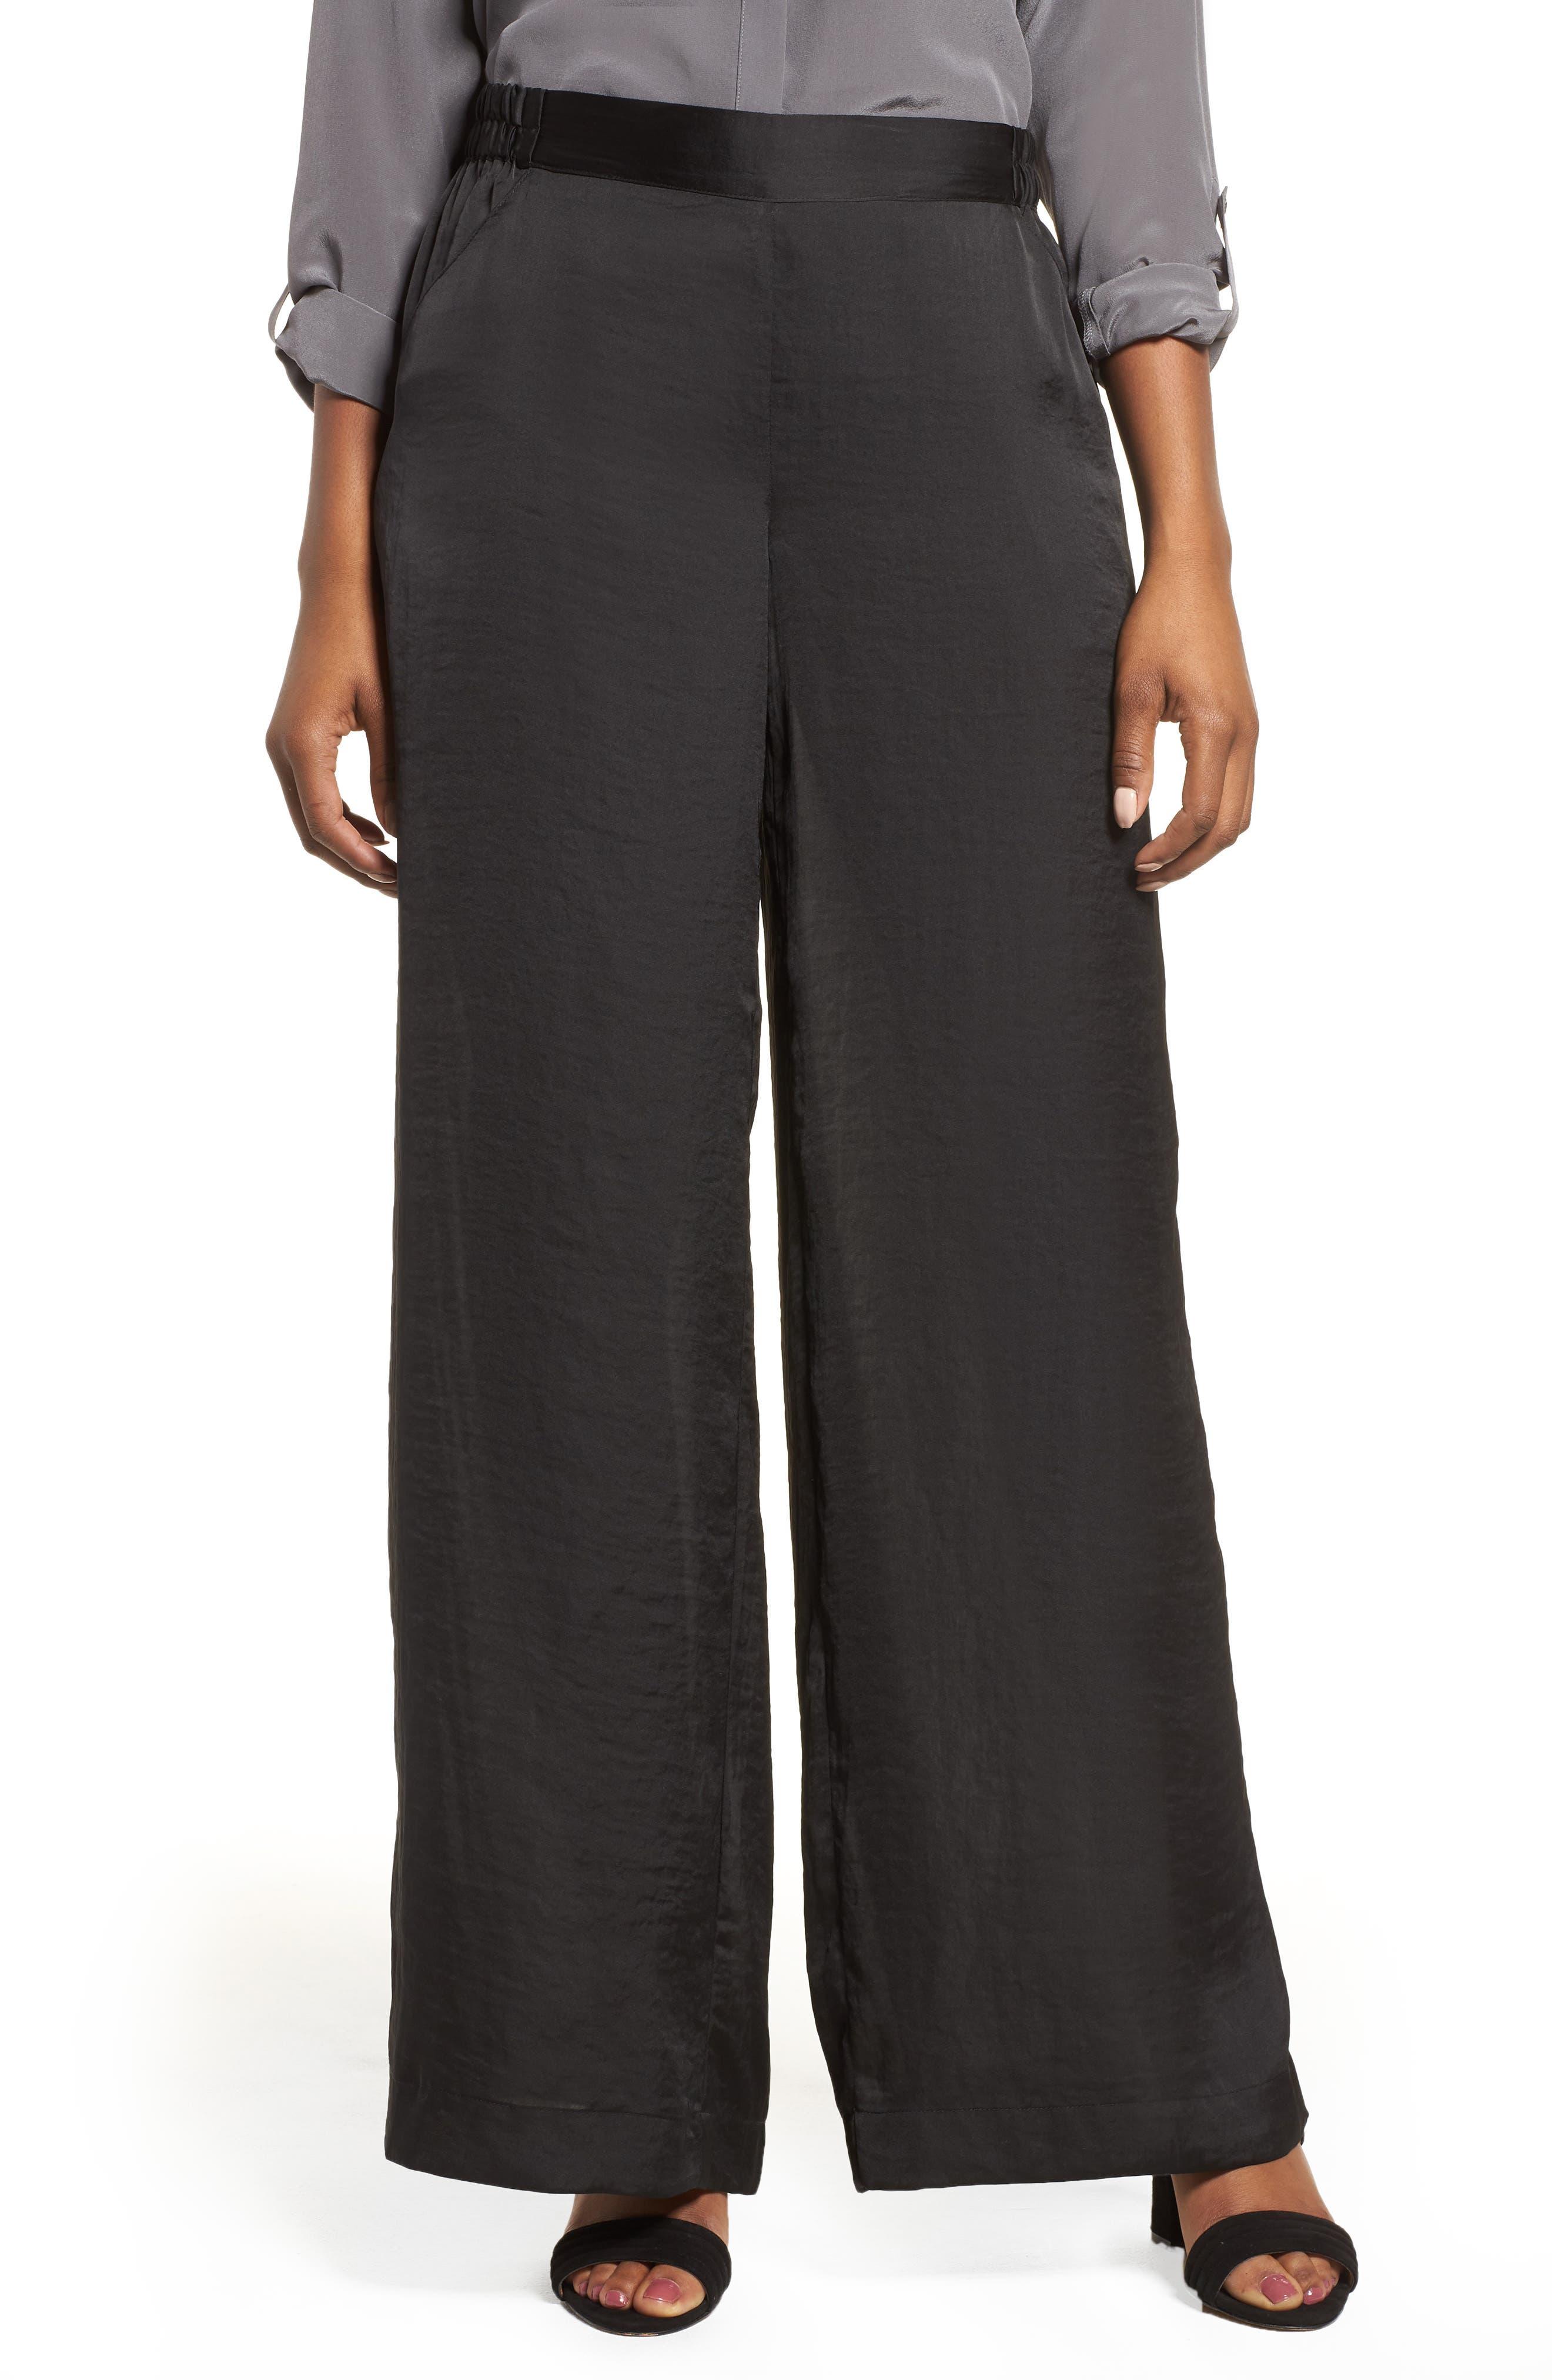 Kenneth Cole Wide Leg Pants,                         Main,                         color, Black